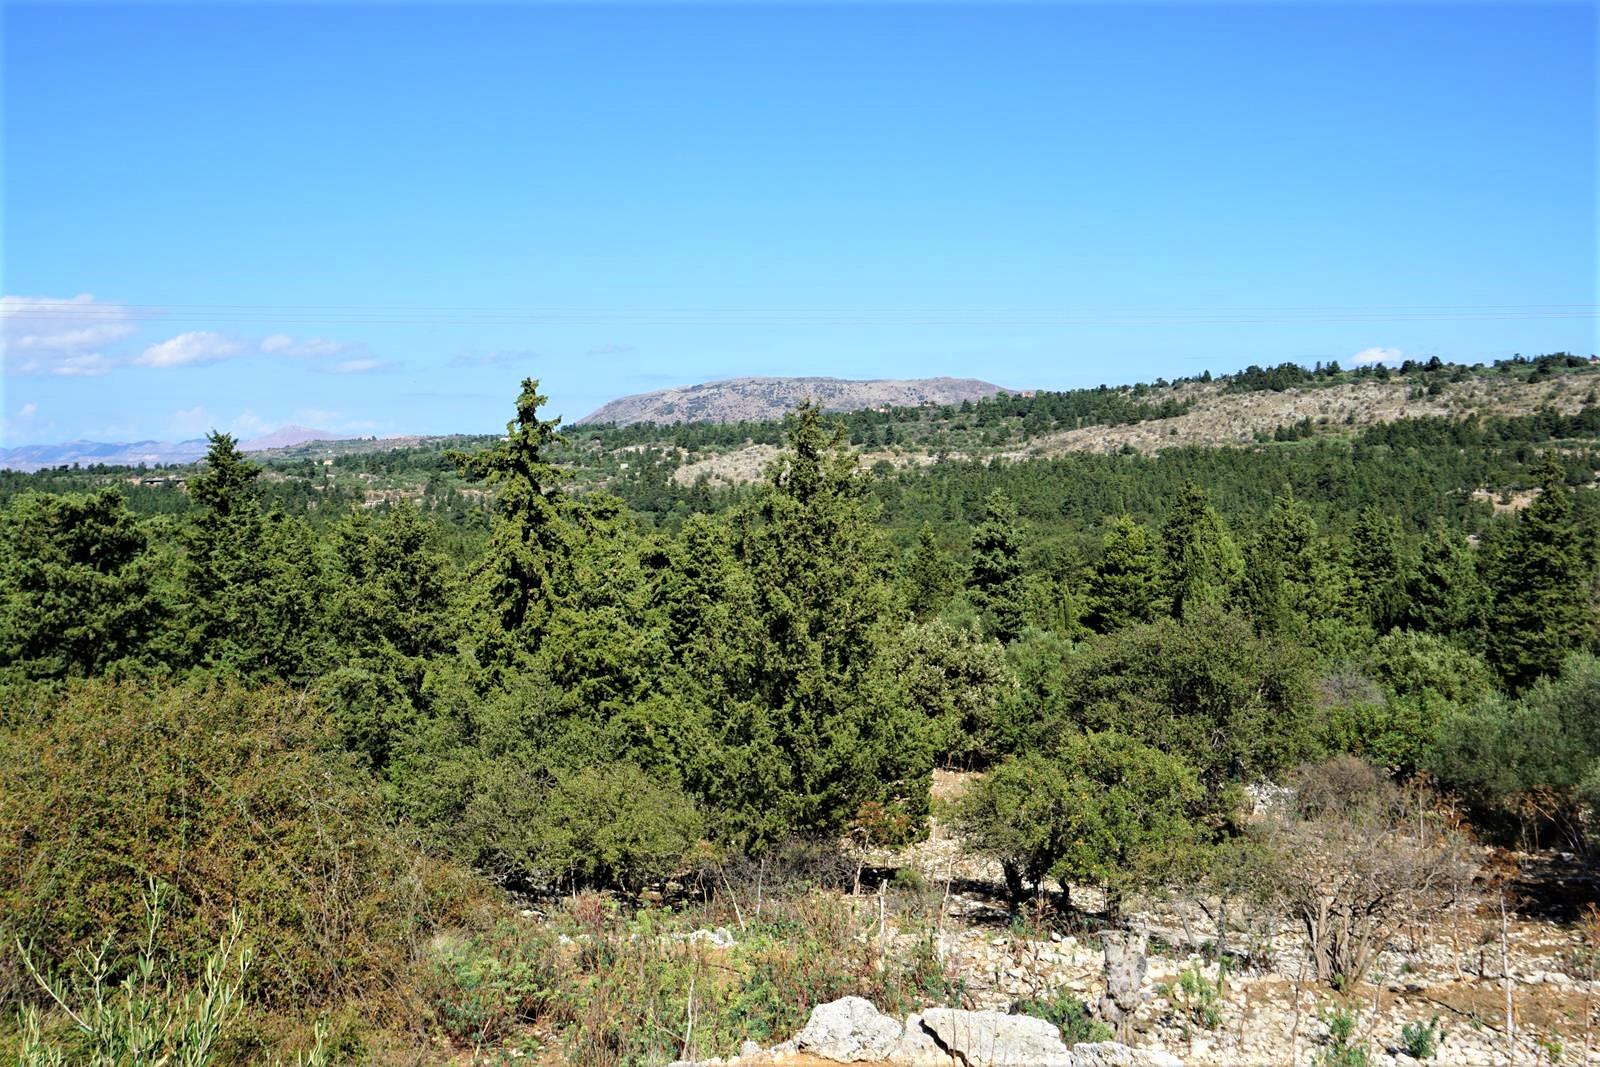 Działka z widokiem na cyprysy w Sellia